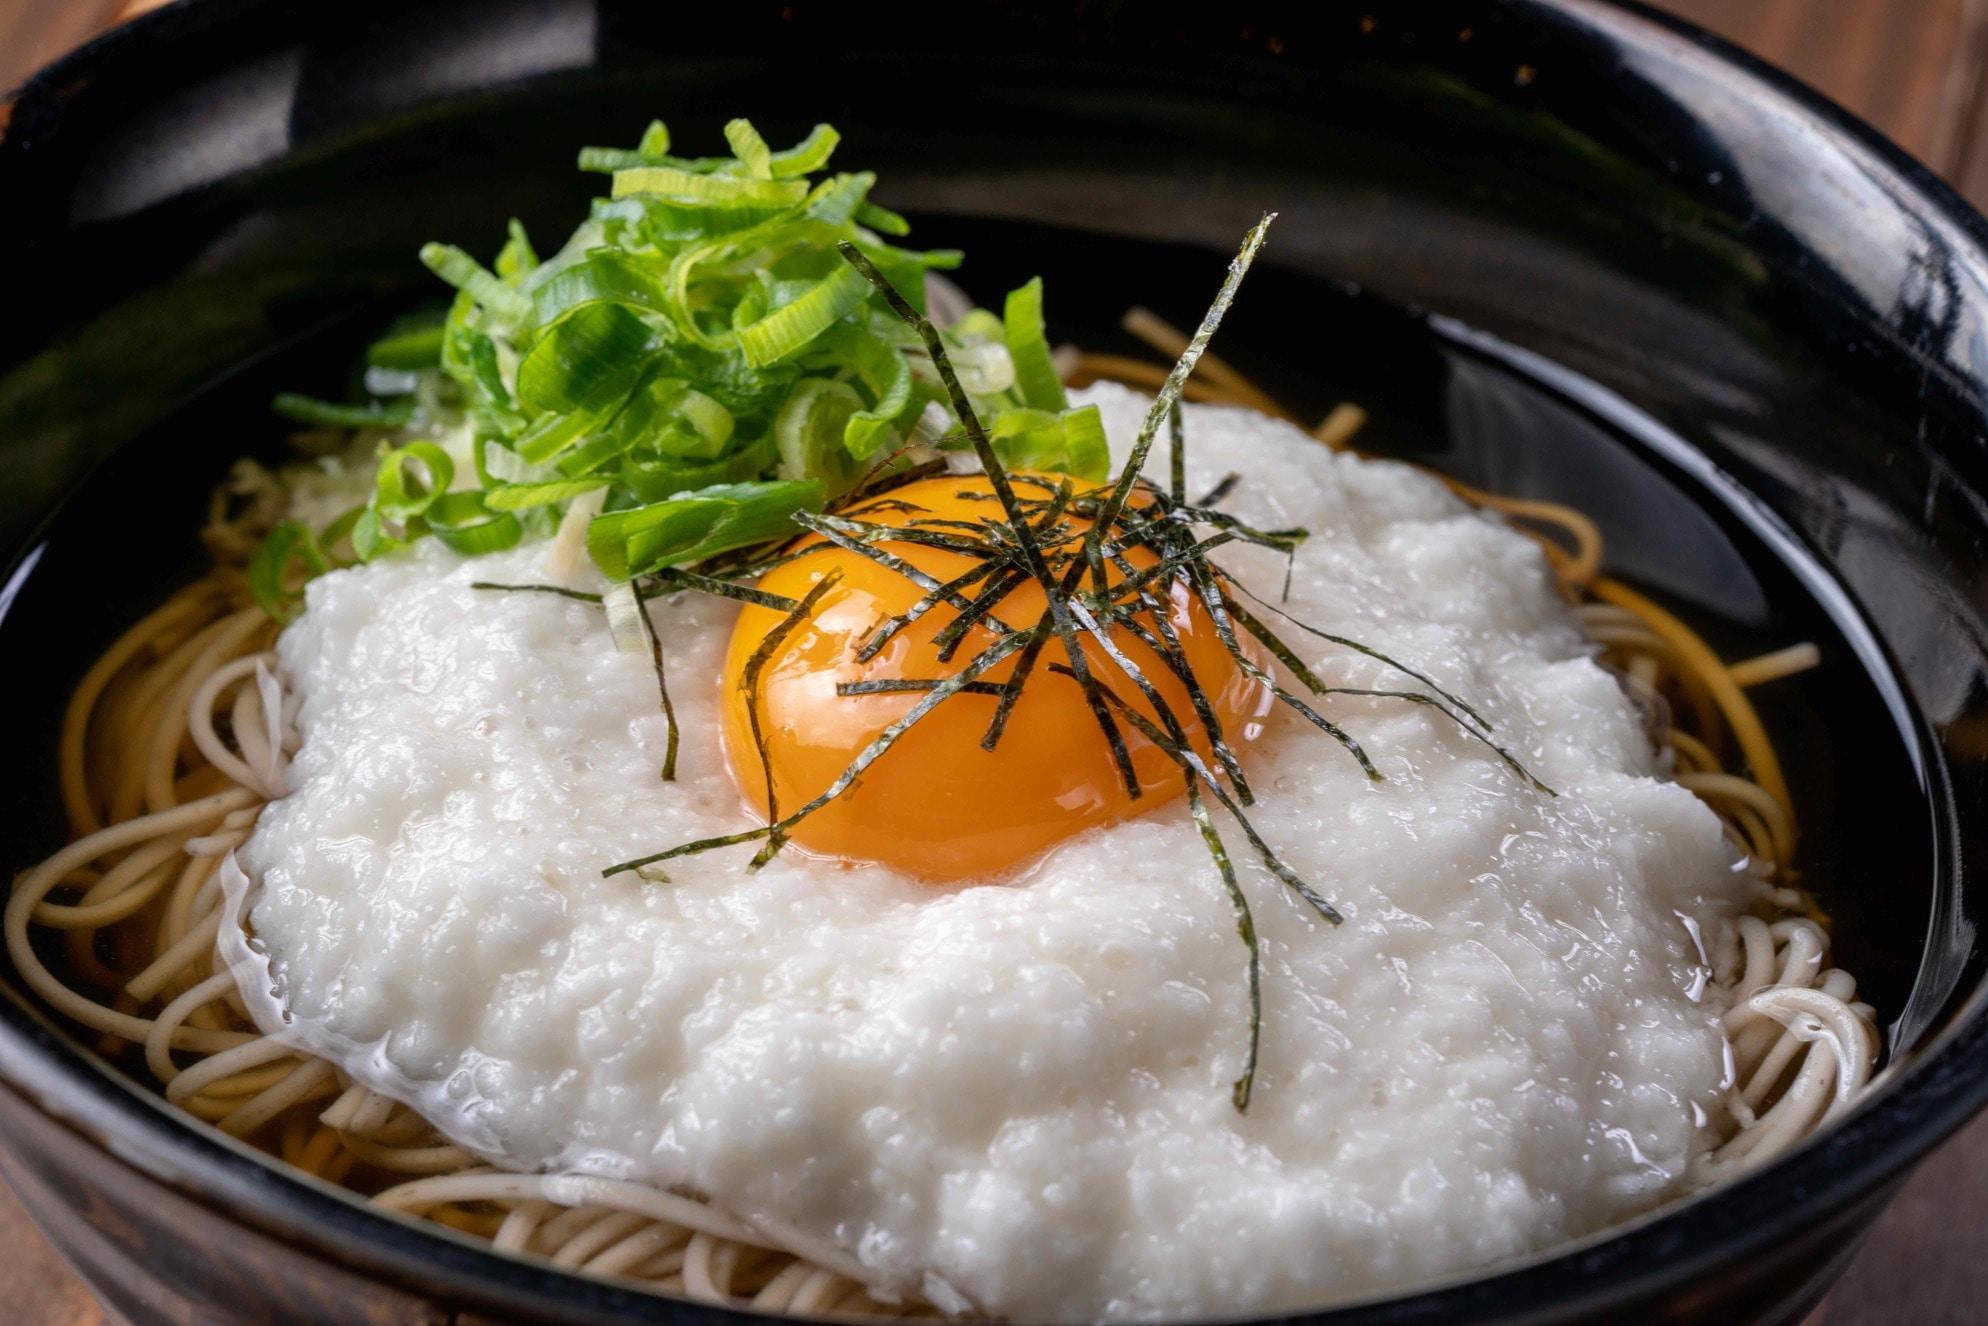 とろろ月見蕎麦,北海道むかわ町中澤農園のだるまいものトロロをそばにかける